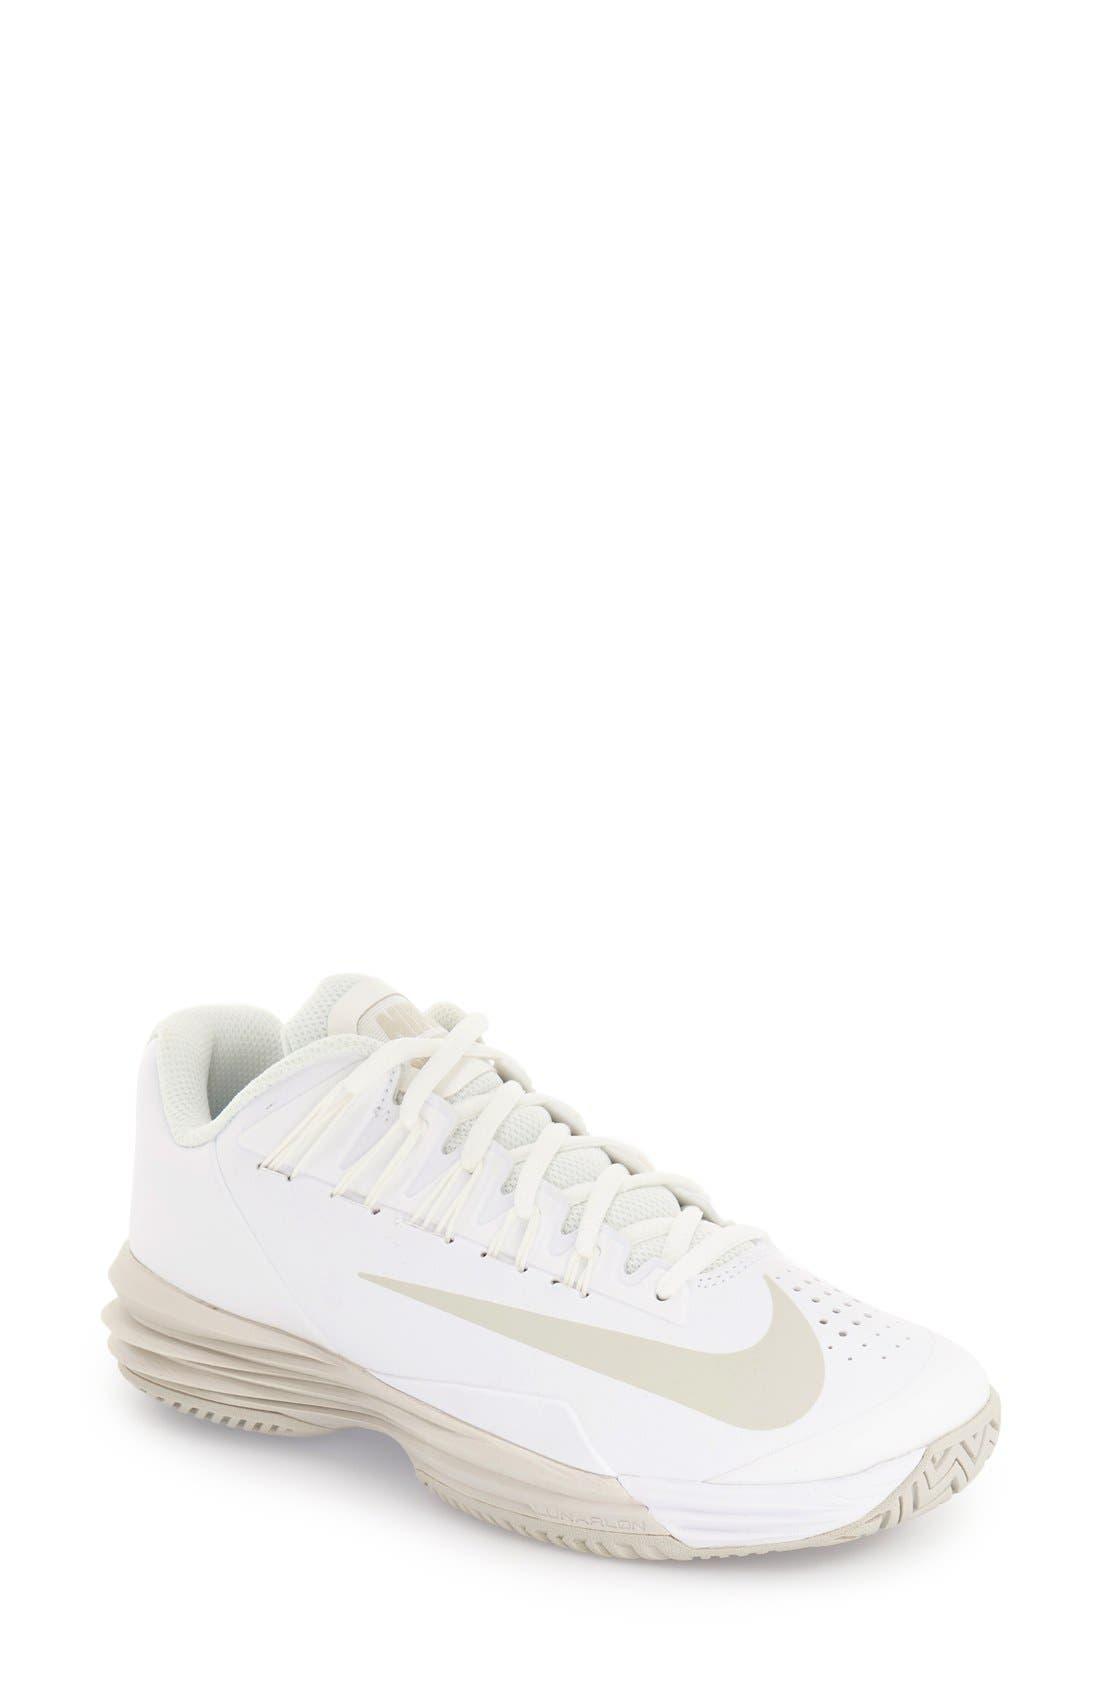 Main Image - Nike 'Lunar Ballistec 1.5' Tennis Shoe (Women)